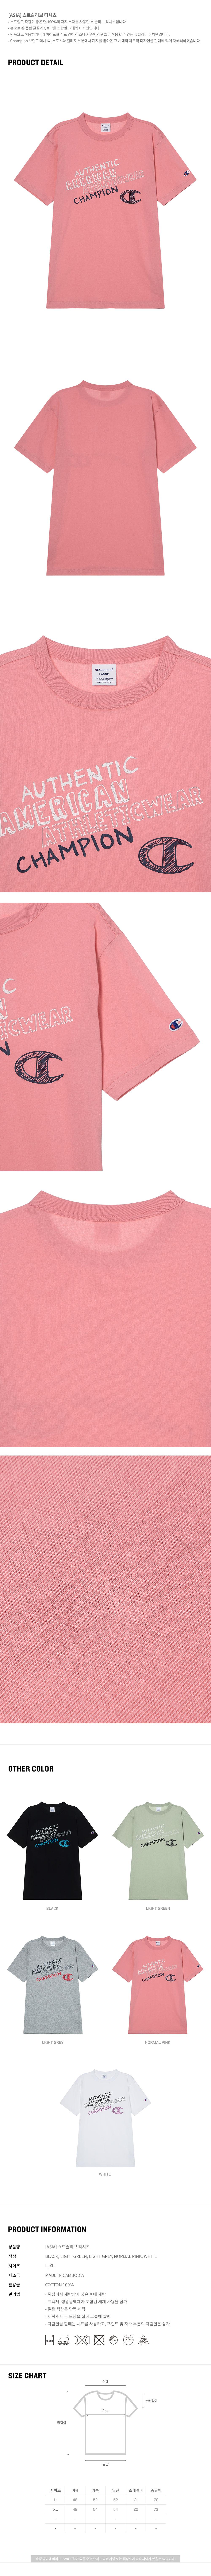 챔피온 재팬(CHAMPION JAPAN) [ASIA] 쇼트슬리브 티셔츠 (NORMAL PINK) CKTS1E335P2